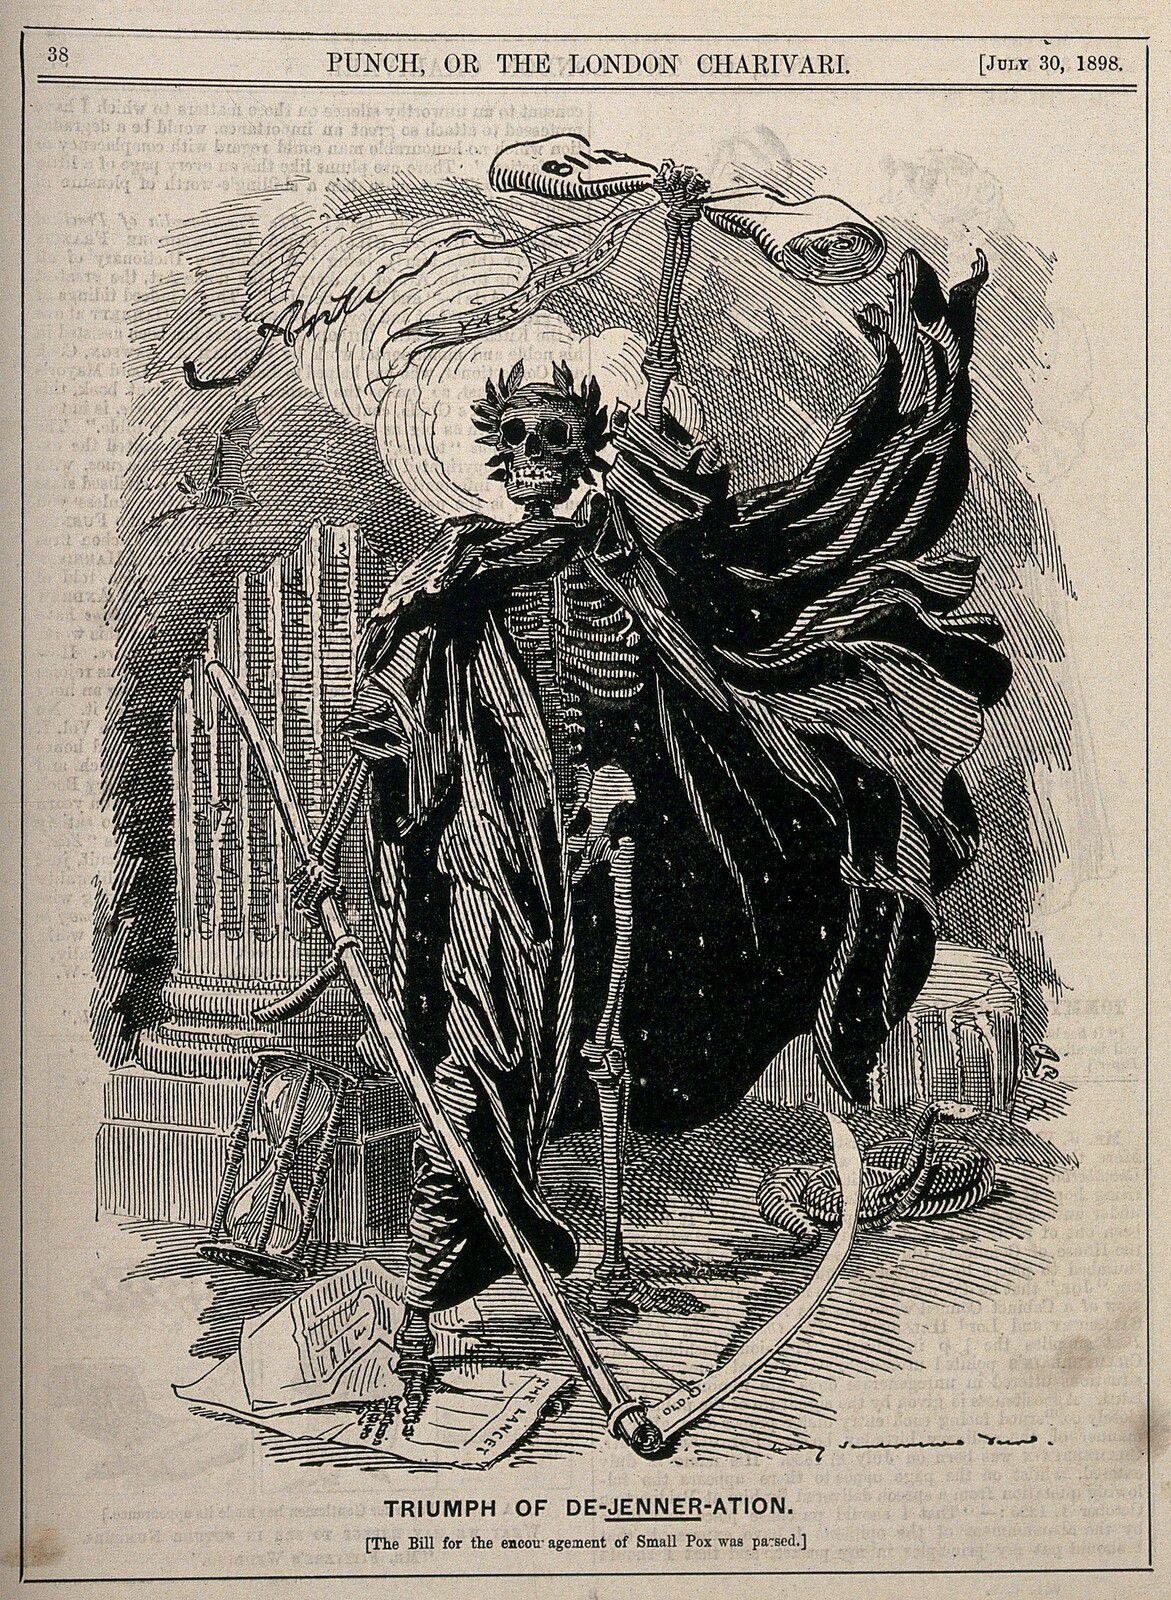 Allégorie de la mort brandissant une faux et représentant les craintes concernant la loi de 1898 rendant obligatoire la vaccination contre la variole. Gravure sur bois de Sir E.L. Sambourne, 1898.